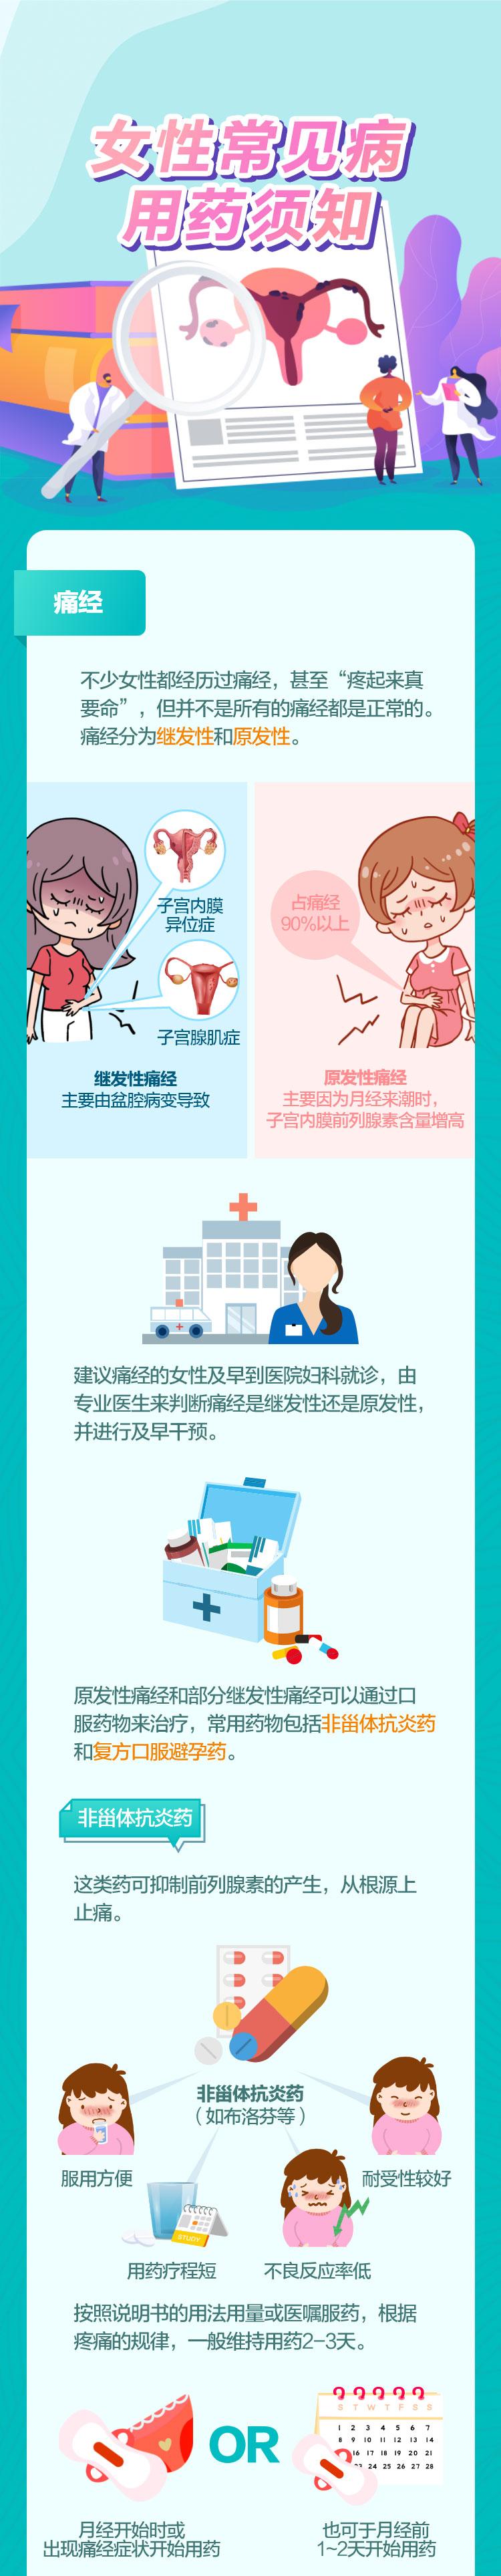 女性常见疾病用药长图_01.jpg